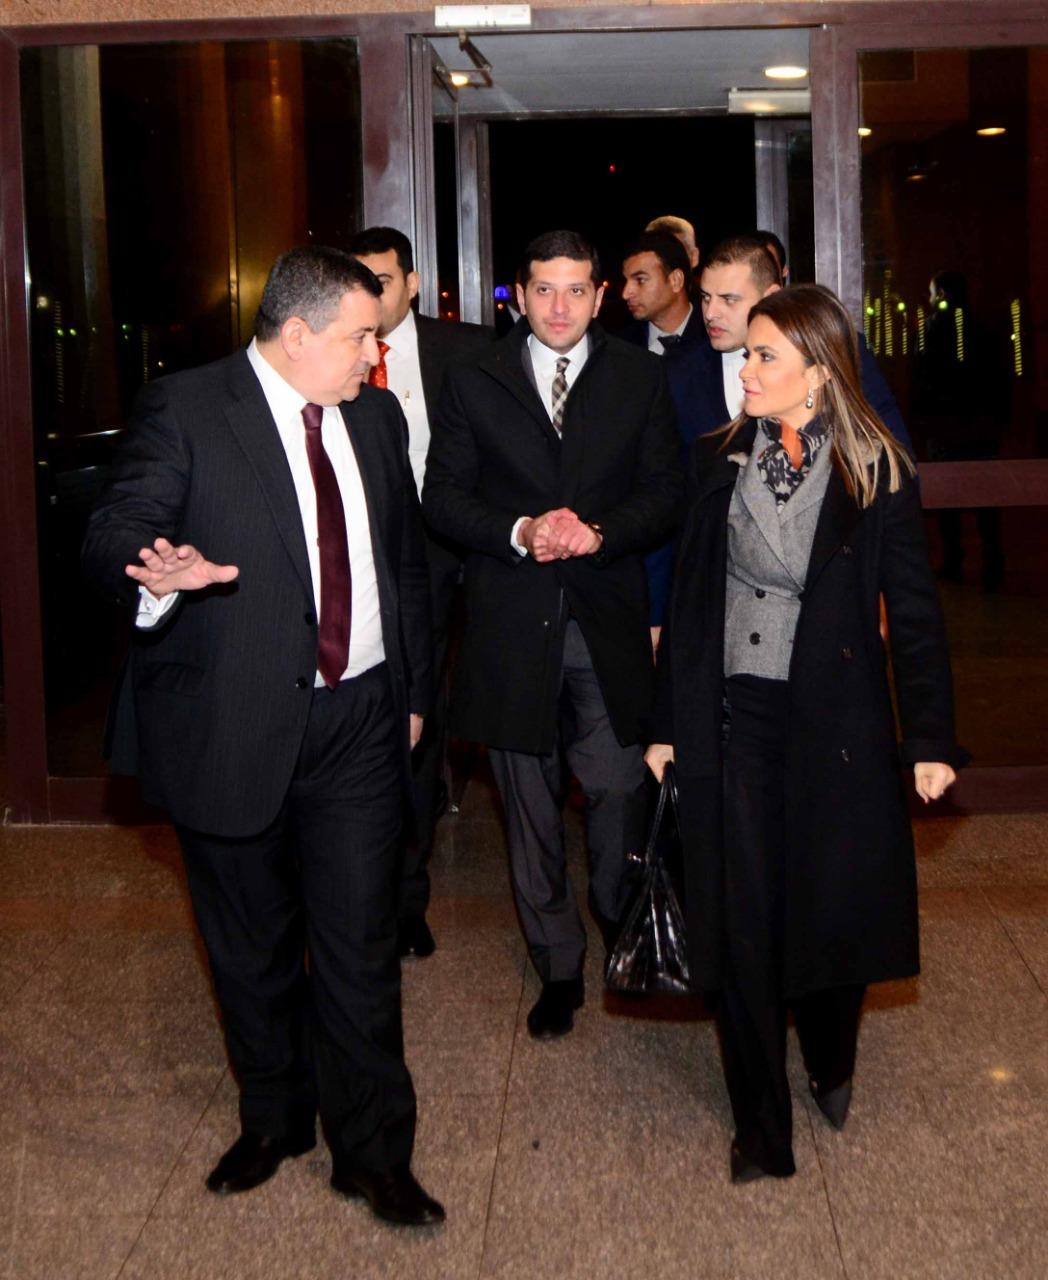 وزيرة الاستثمار وأسامة هيكل والمستشار محمد عبد الوهاب